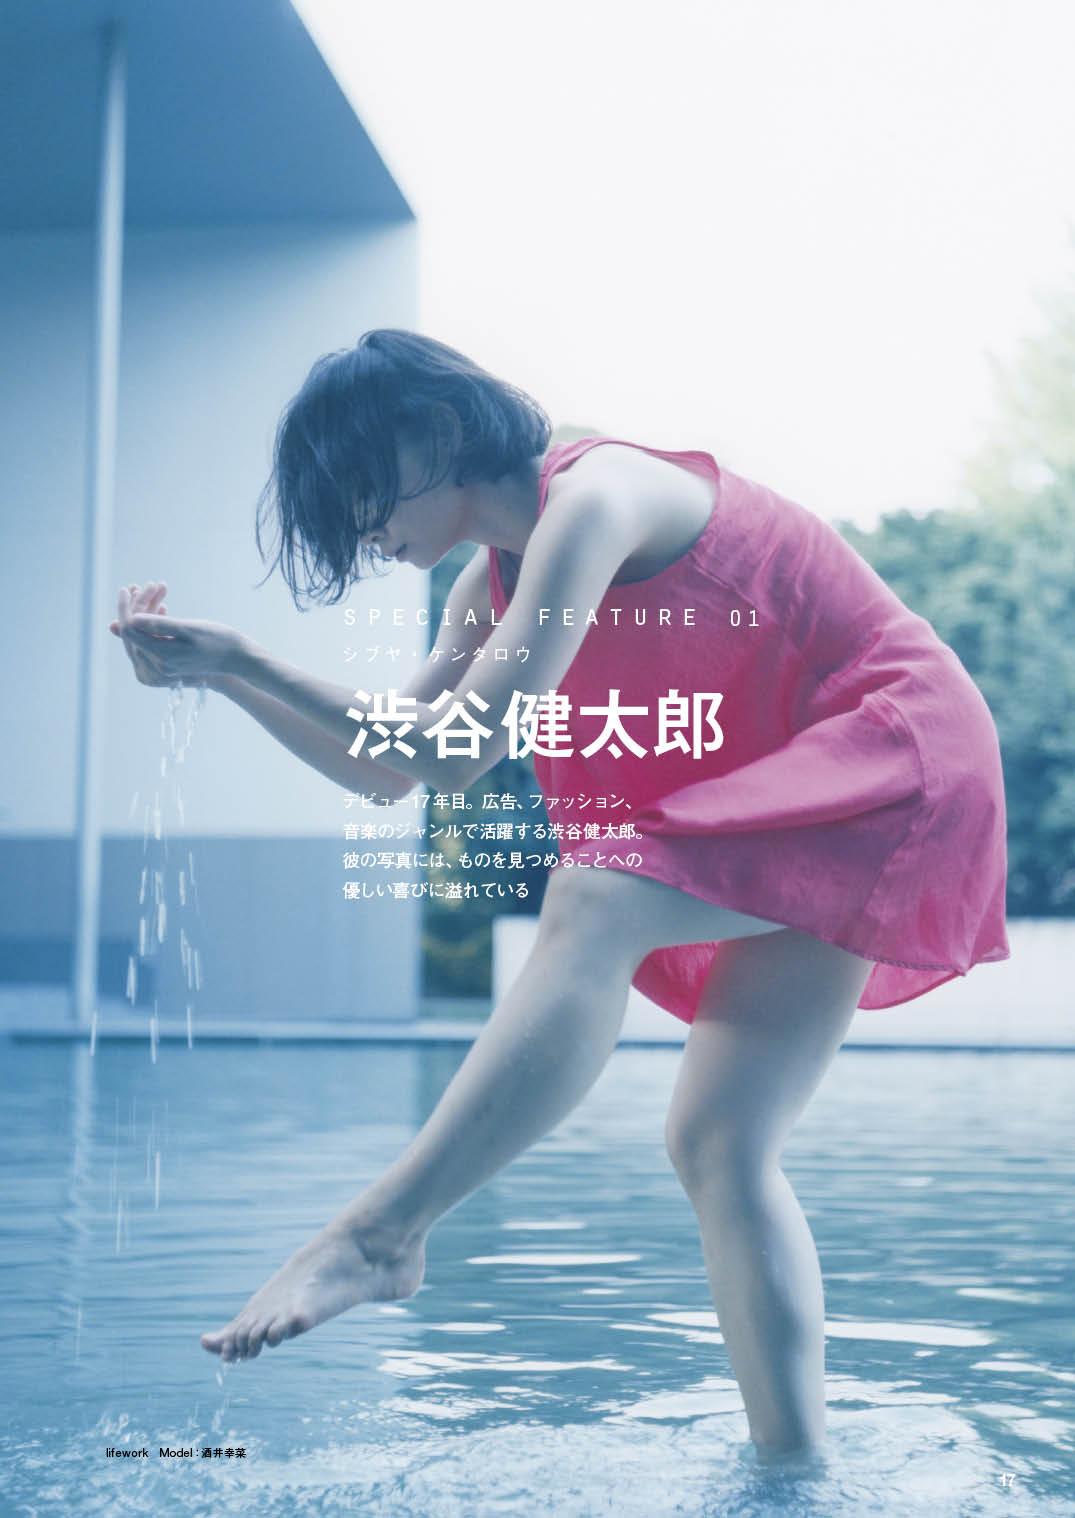 P017-033_渋谷健太郎 口絵納品